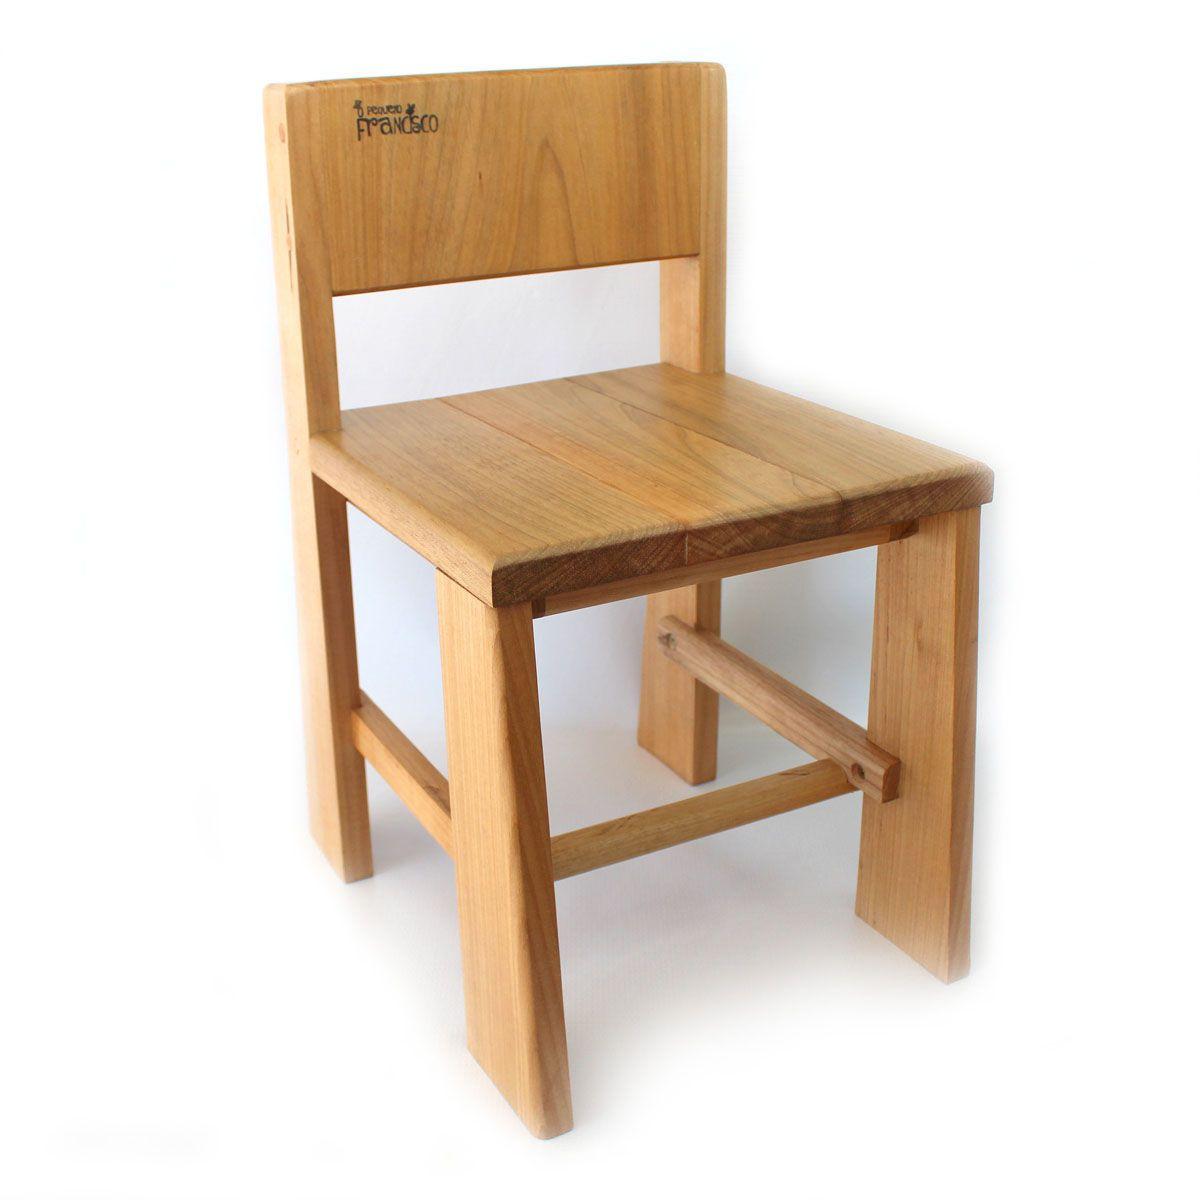 Cadeira O Pequeno Francisco  - O Pequeno Francisco